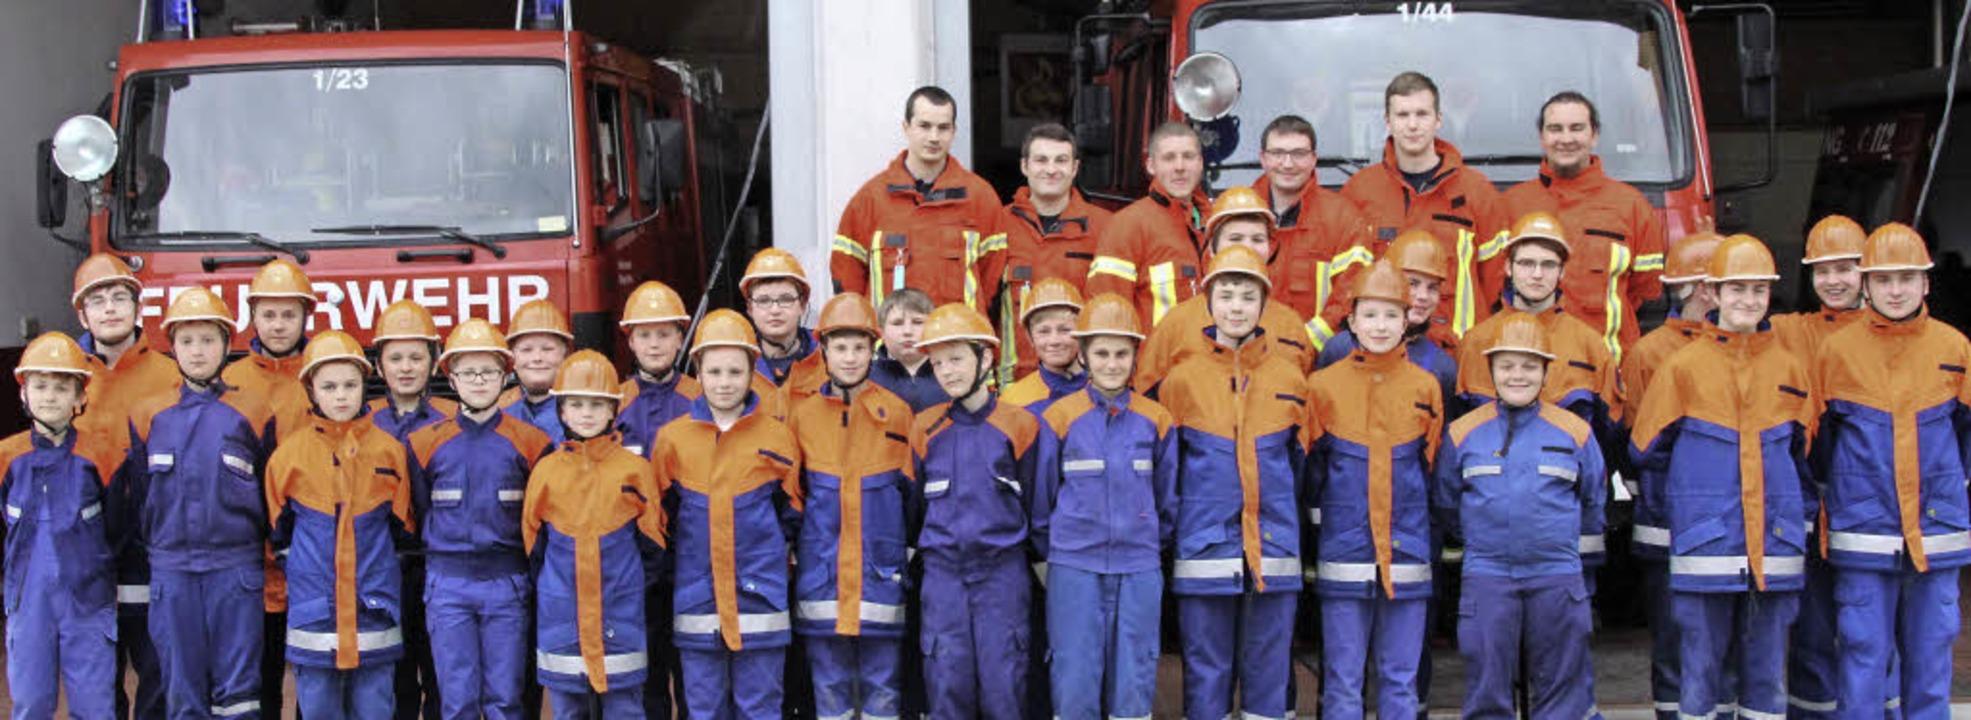 Der hoffnungsvolle Feuerwehrnachwuchs  mit seinen Ausbildern  | Foto: Reinhard Cremer